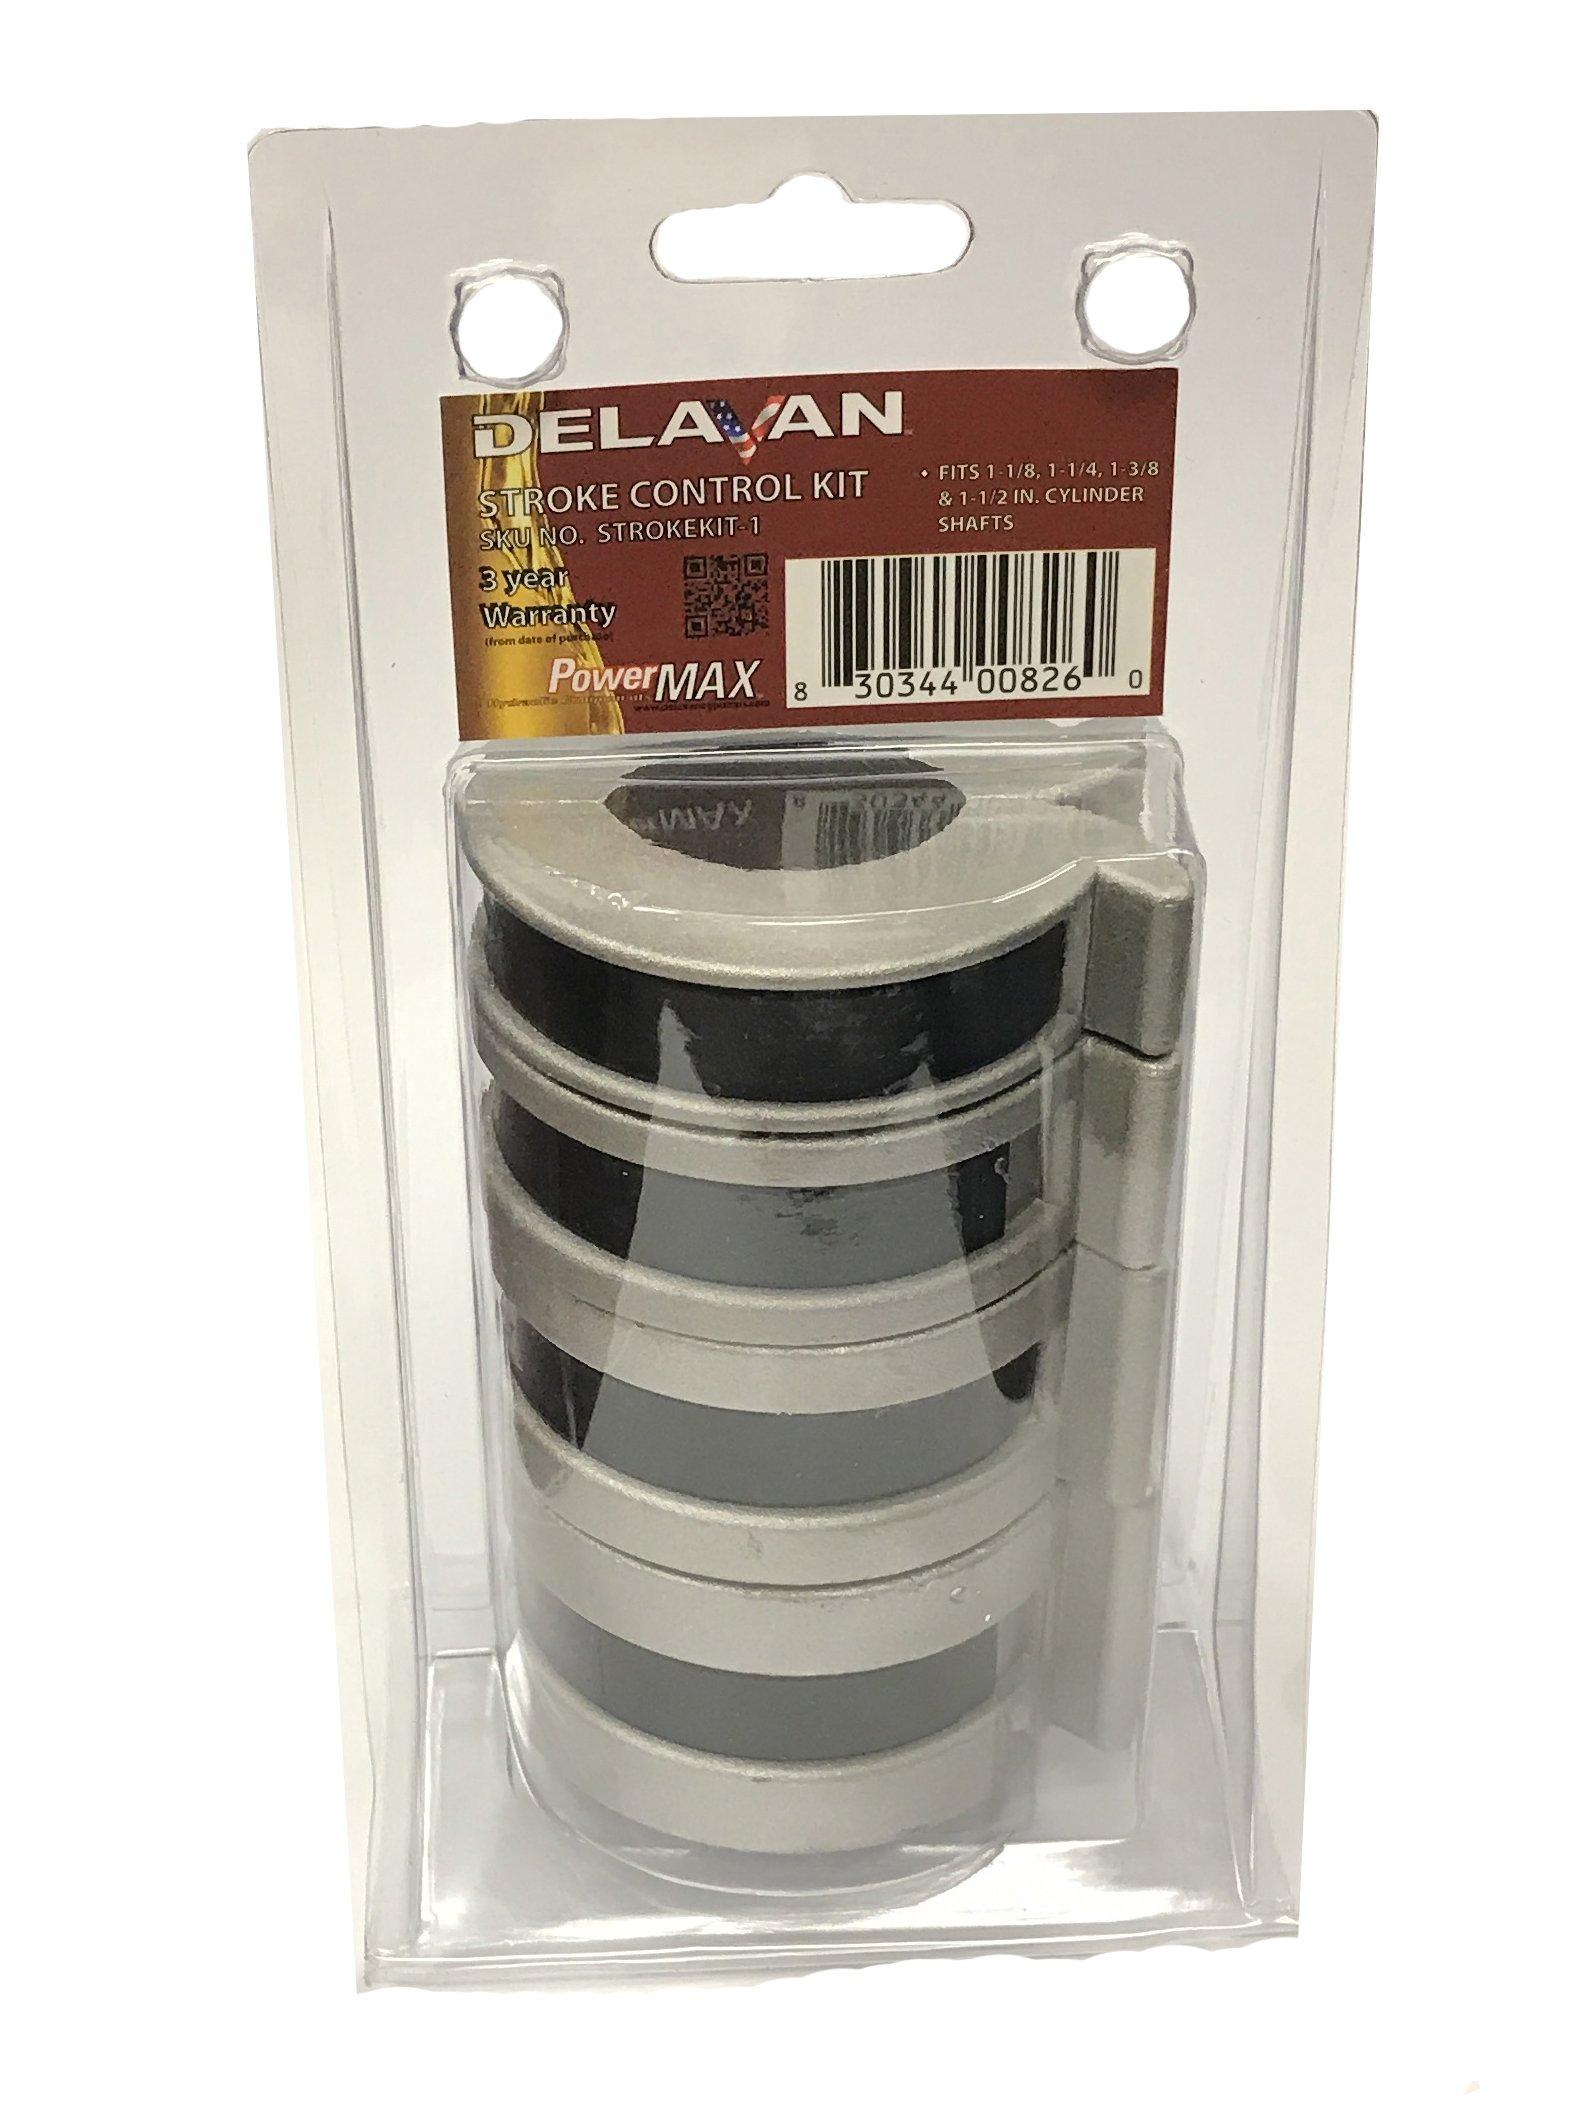 Delavan PowerMAX Stroke Control Kit 1 Fits: 1-1/8, 1-1/4, 1-3/8, 1-1/2 Cylinder Shafts